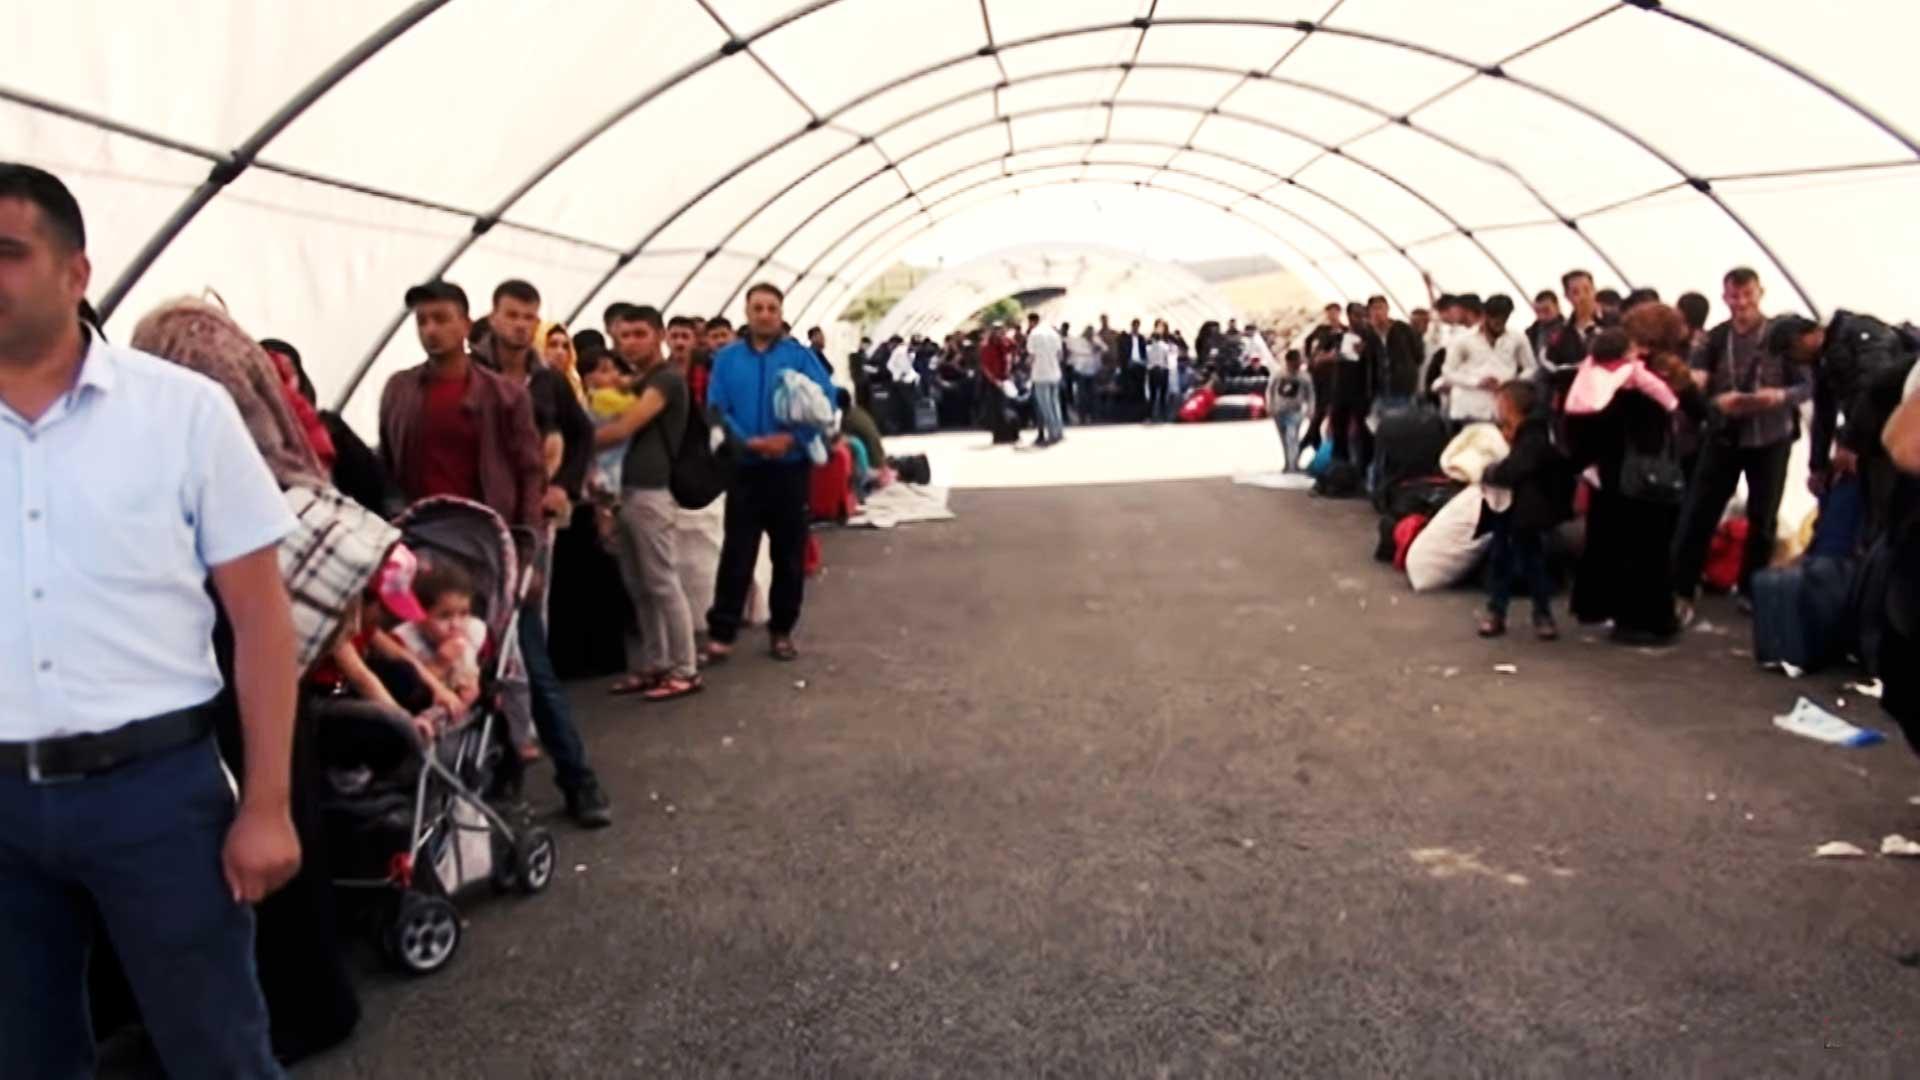 En Büyük Mülteci Nüfusuna Sahip Olan Ülkeler?fit=thumb&w=418&h=152&q=80